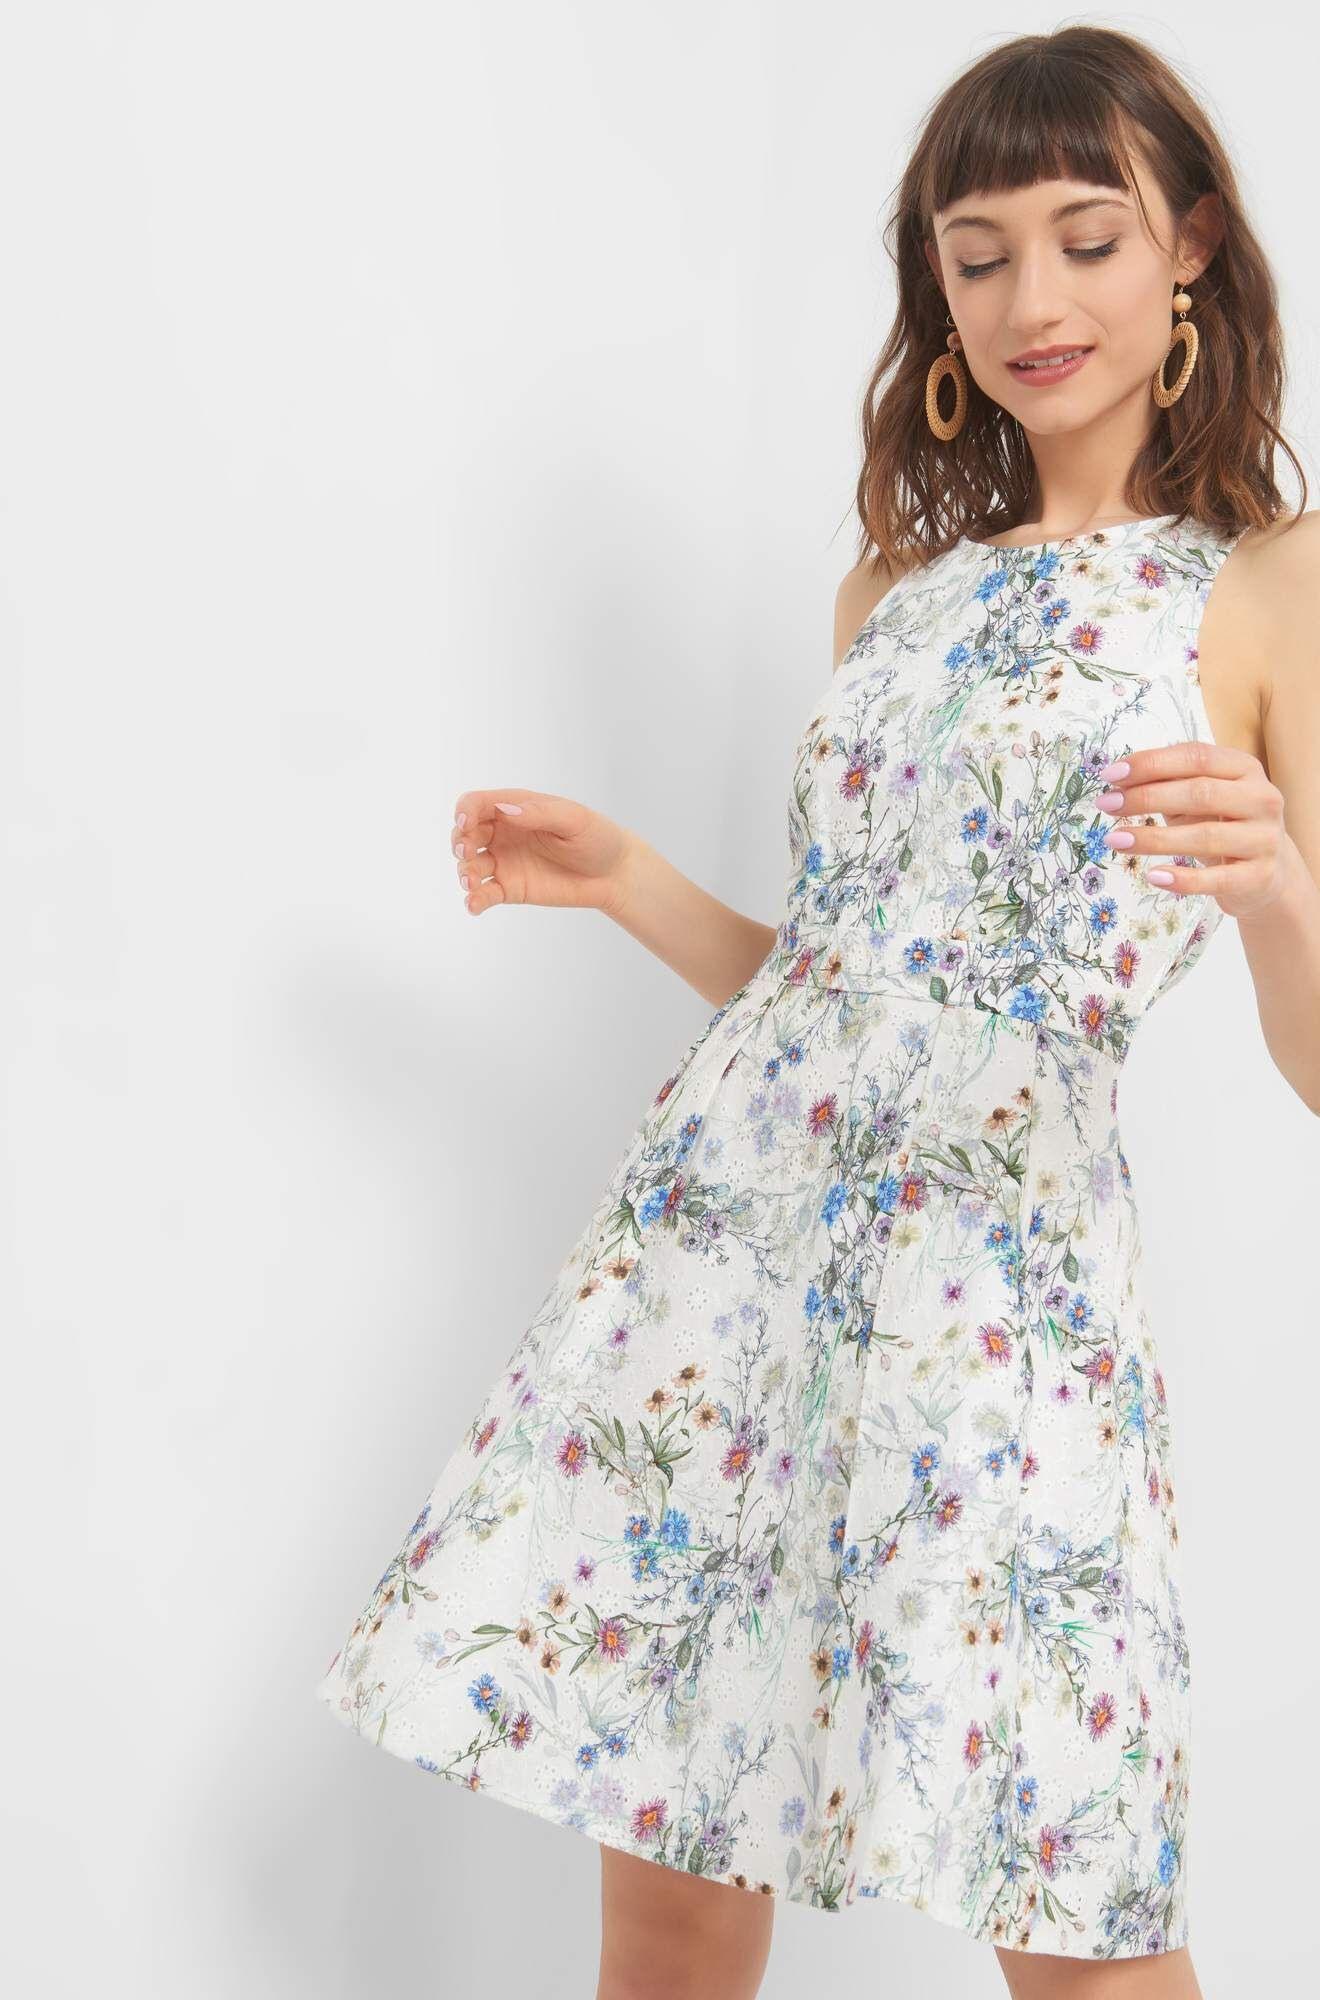 Formal Genial Orsay Abend Kleid Design15 Schön Orsay Abend Kleid Vertrieb